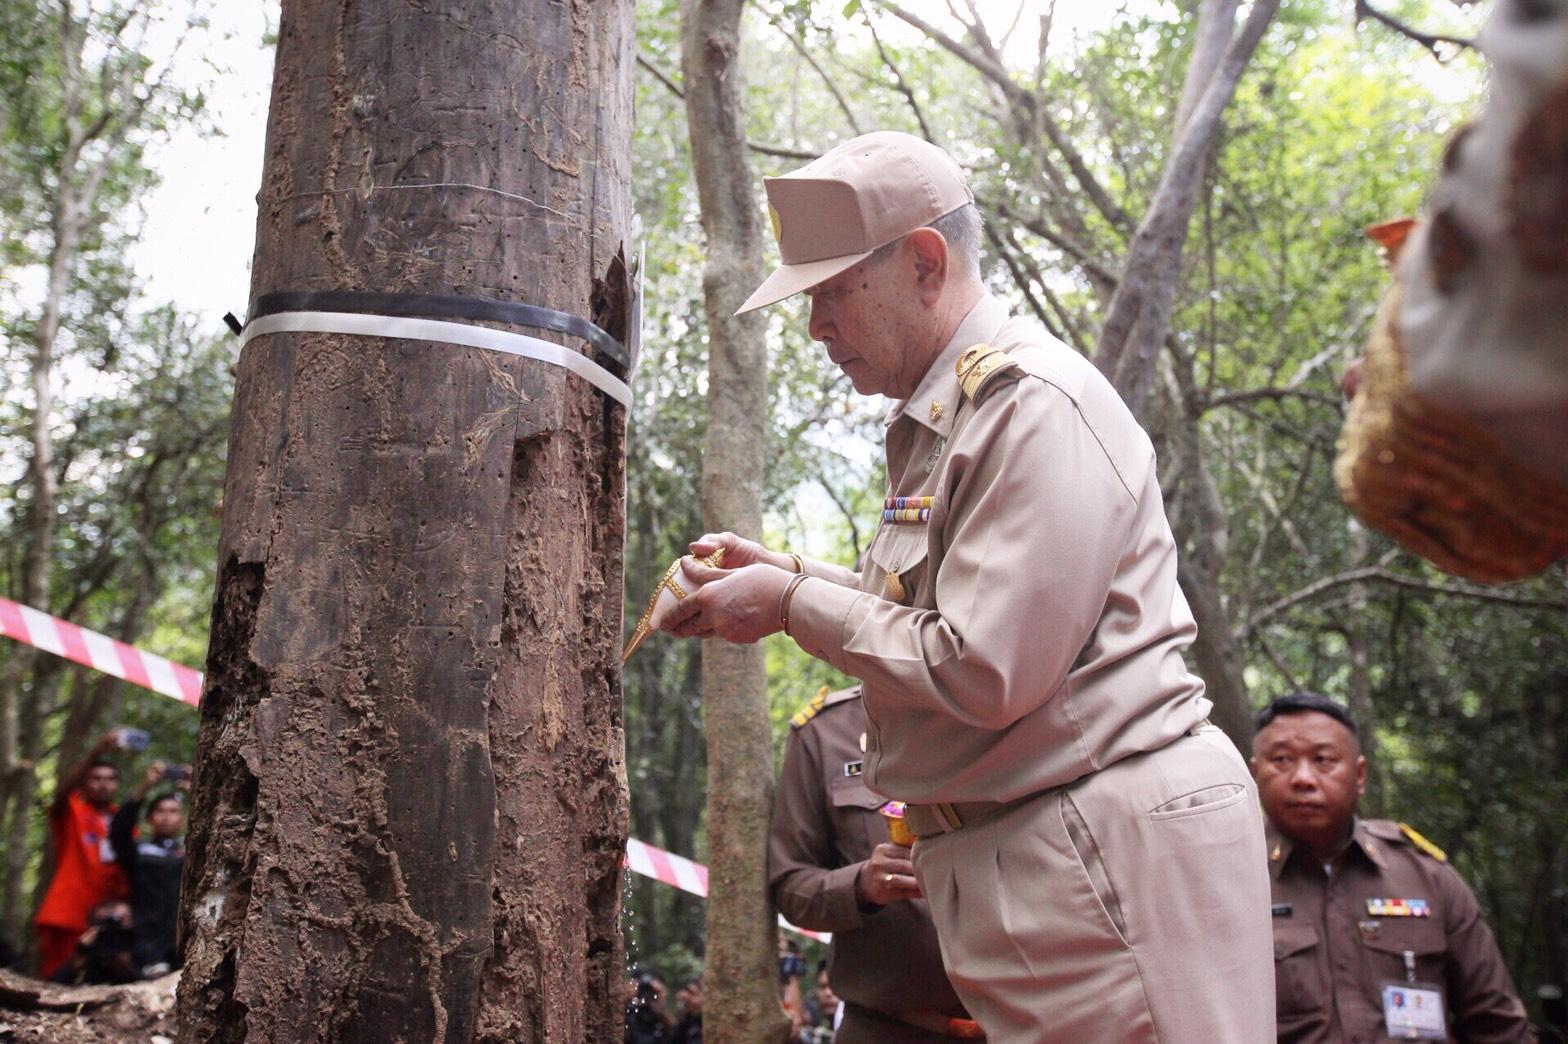 รองราชเลขาธิการ เป็นประธานในพิธีบวงสรวงตัดไม้จันทน์หอม เพื่อนำมาจัดสร้างพระบรมโกศจันทน์